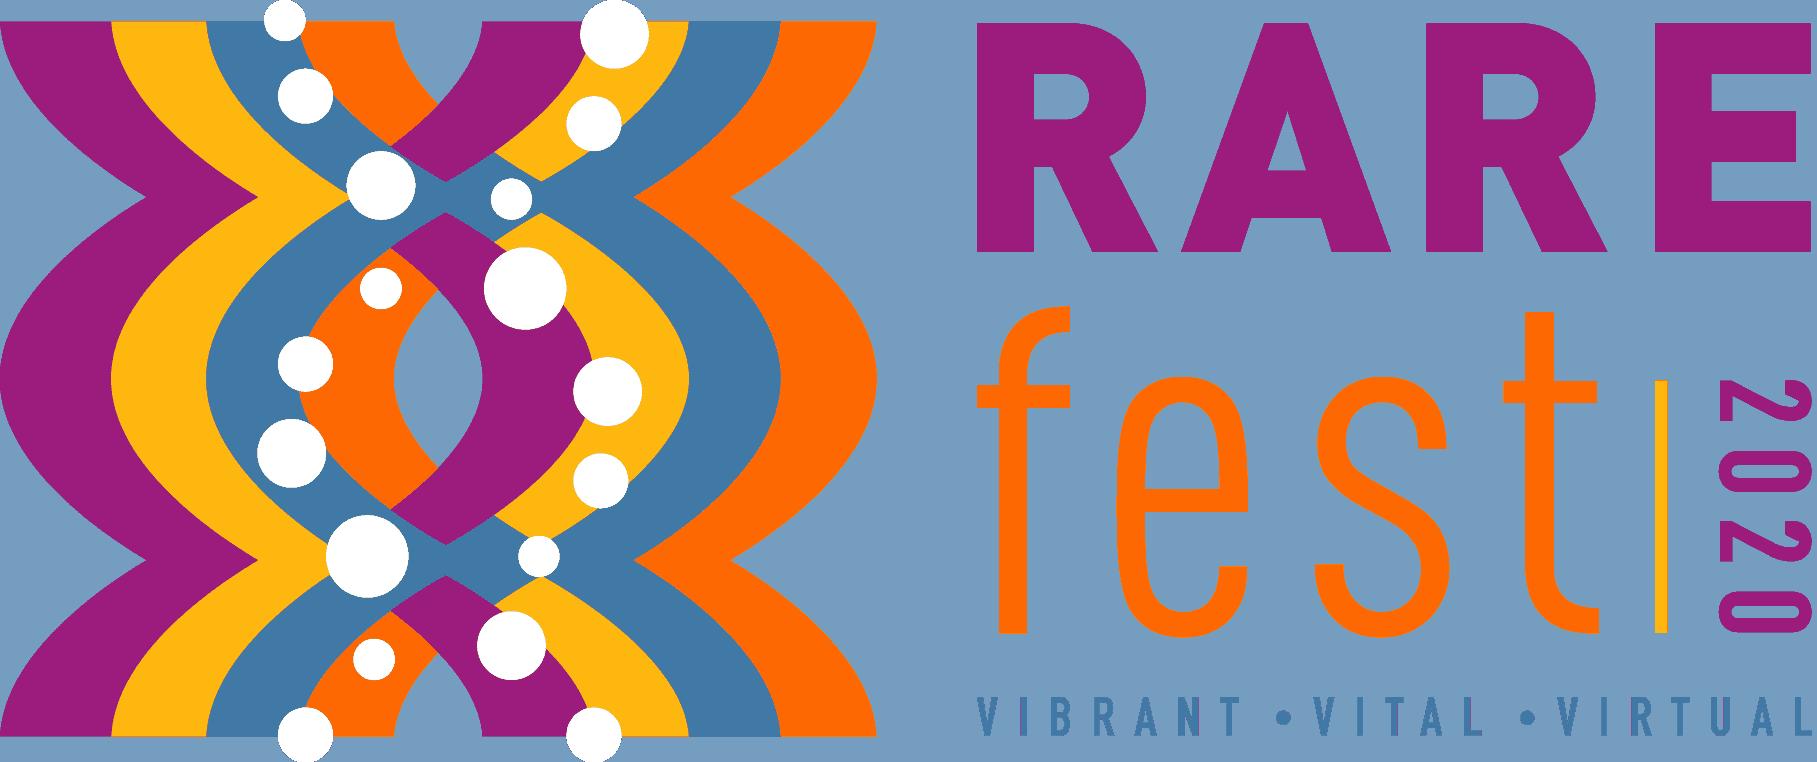 RAREfest20 logo